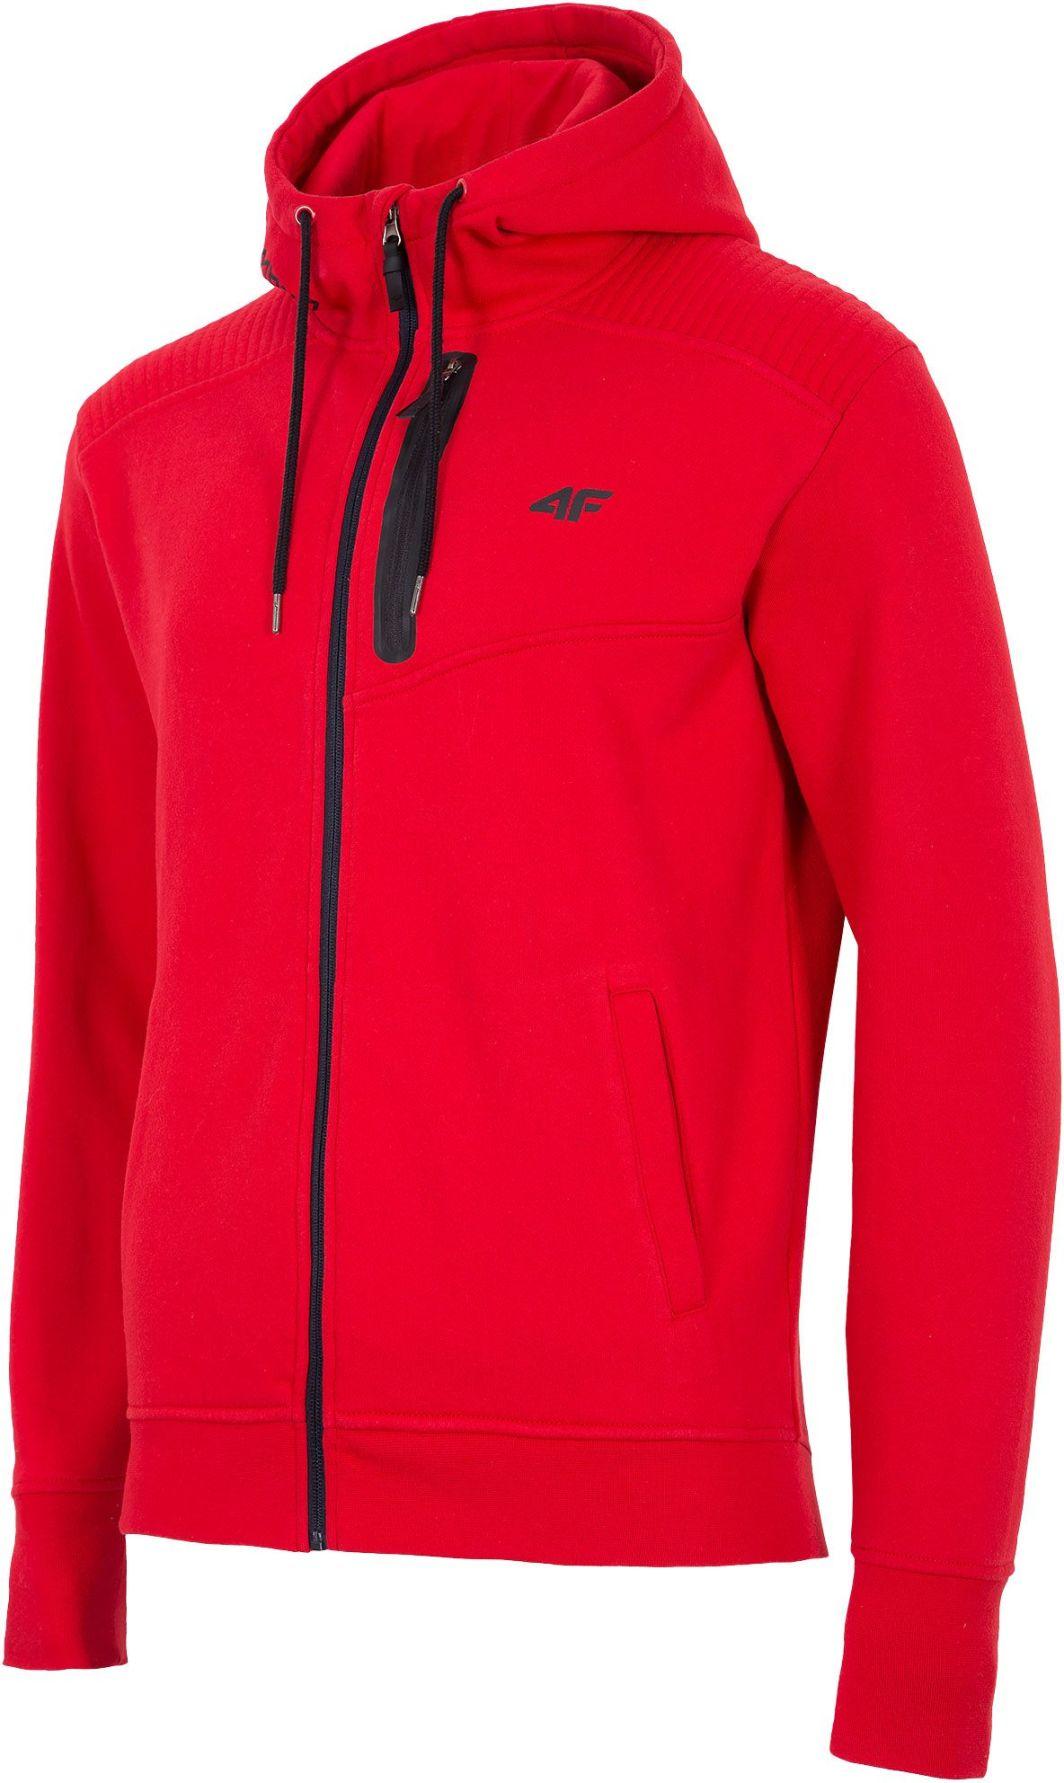 4f Bluza męska H4L18 BLM006 czerwona r. XL ID produktu: 1768572